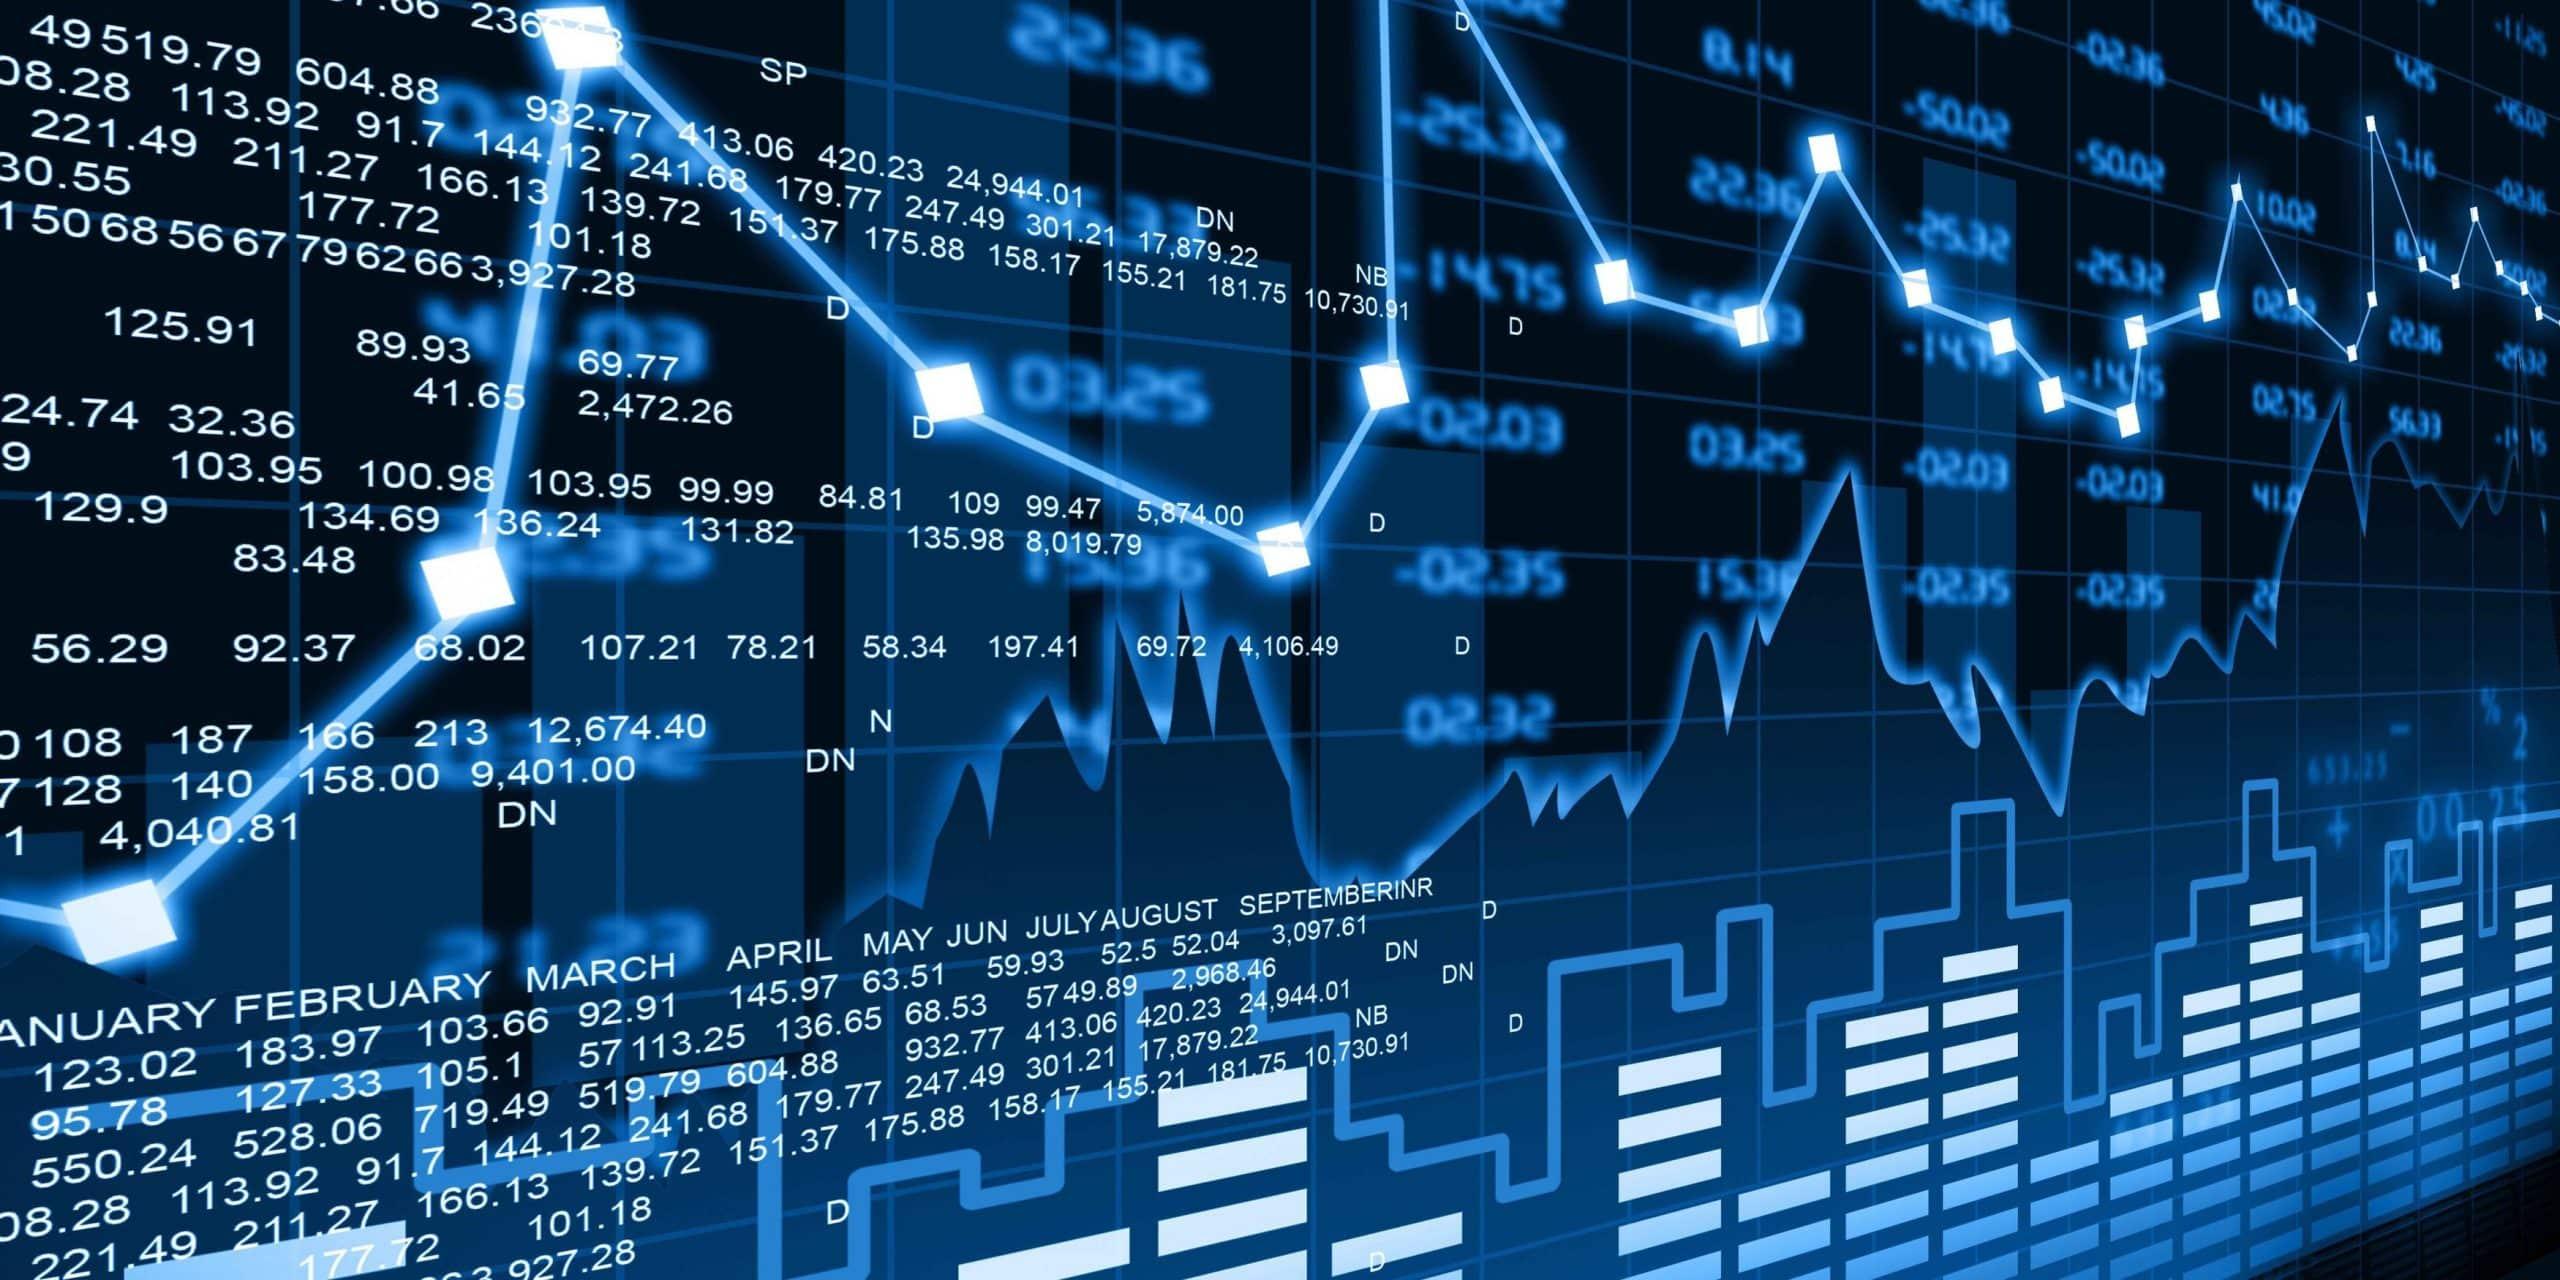 Como Crear Un Sistema De Trading? III Parte